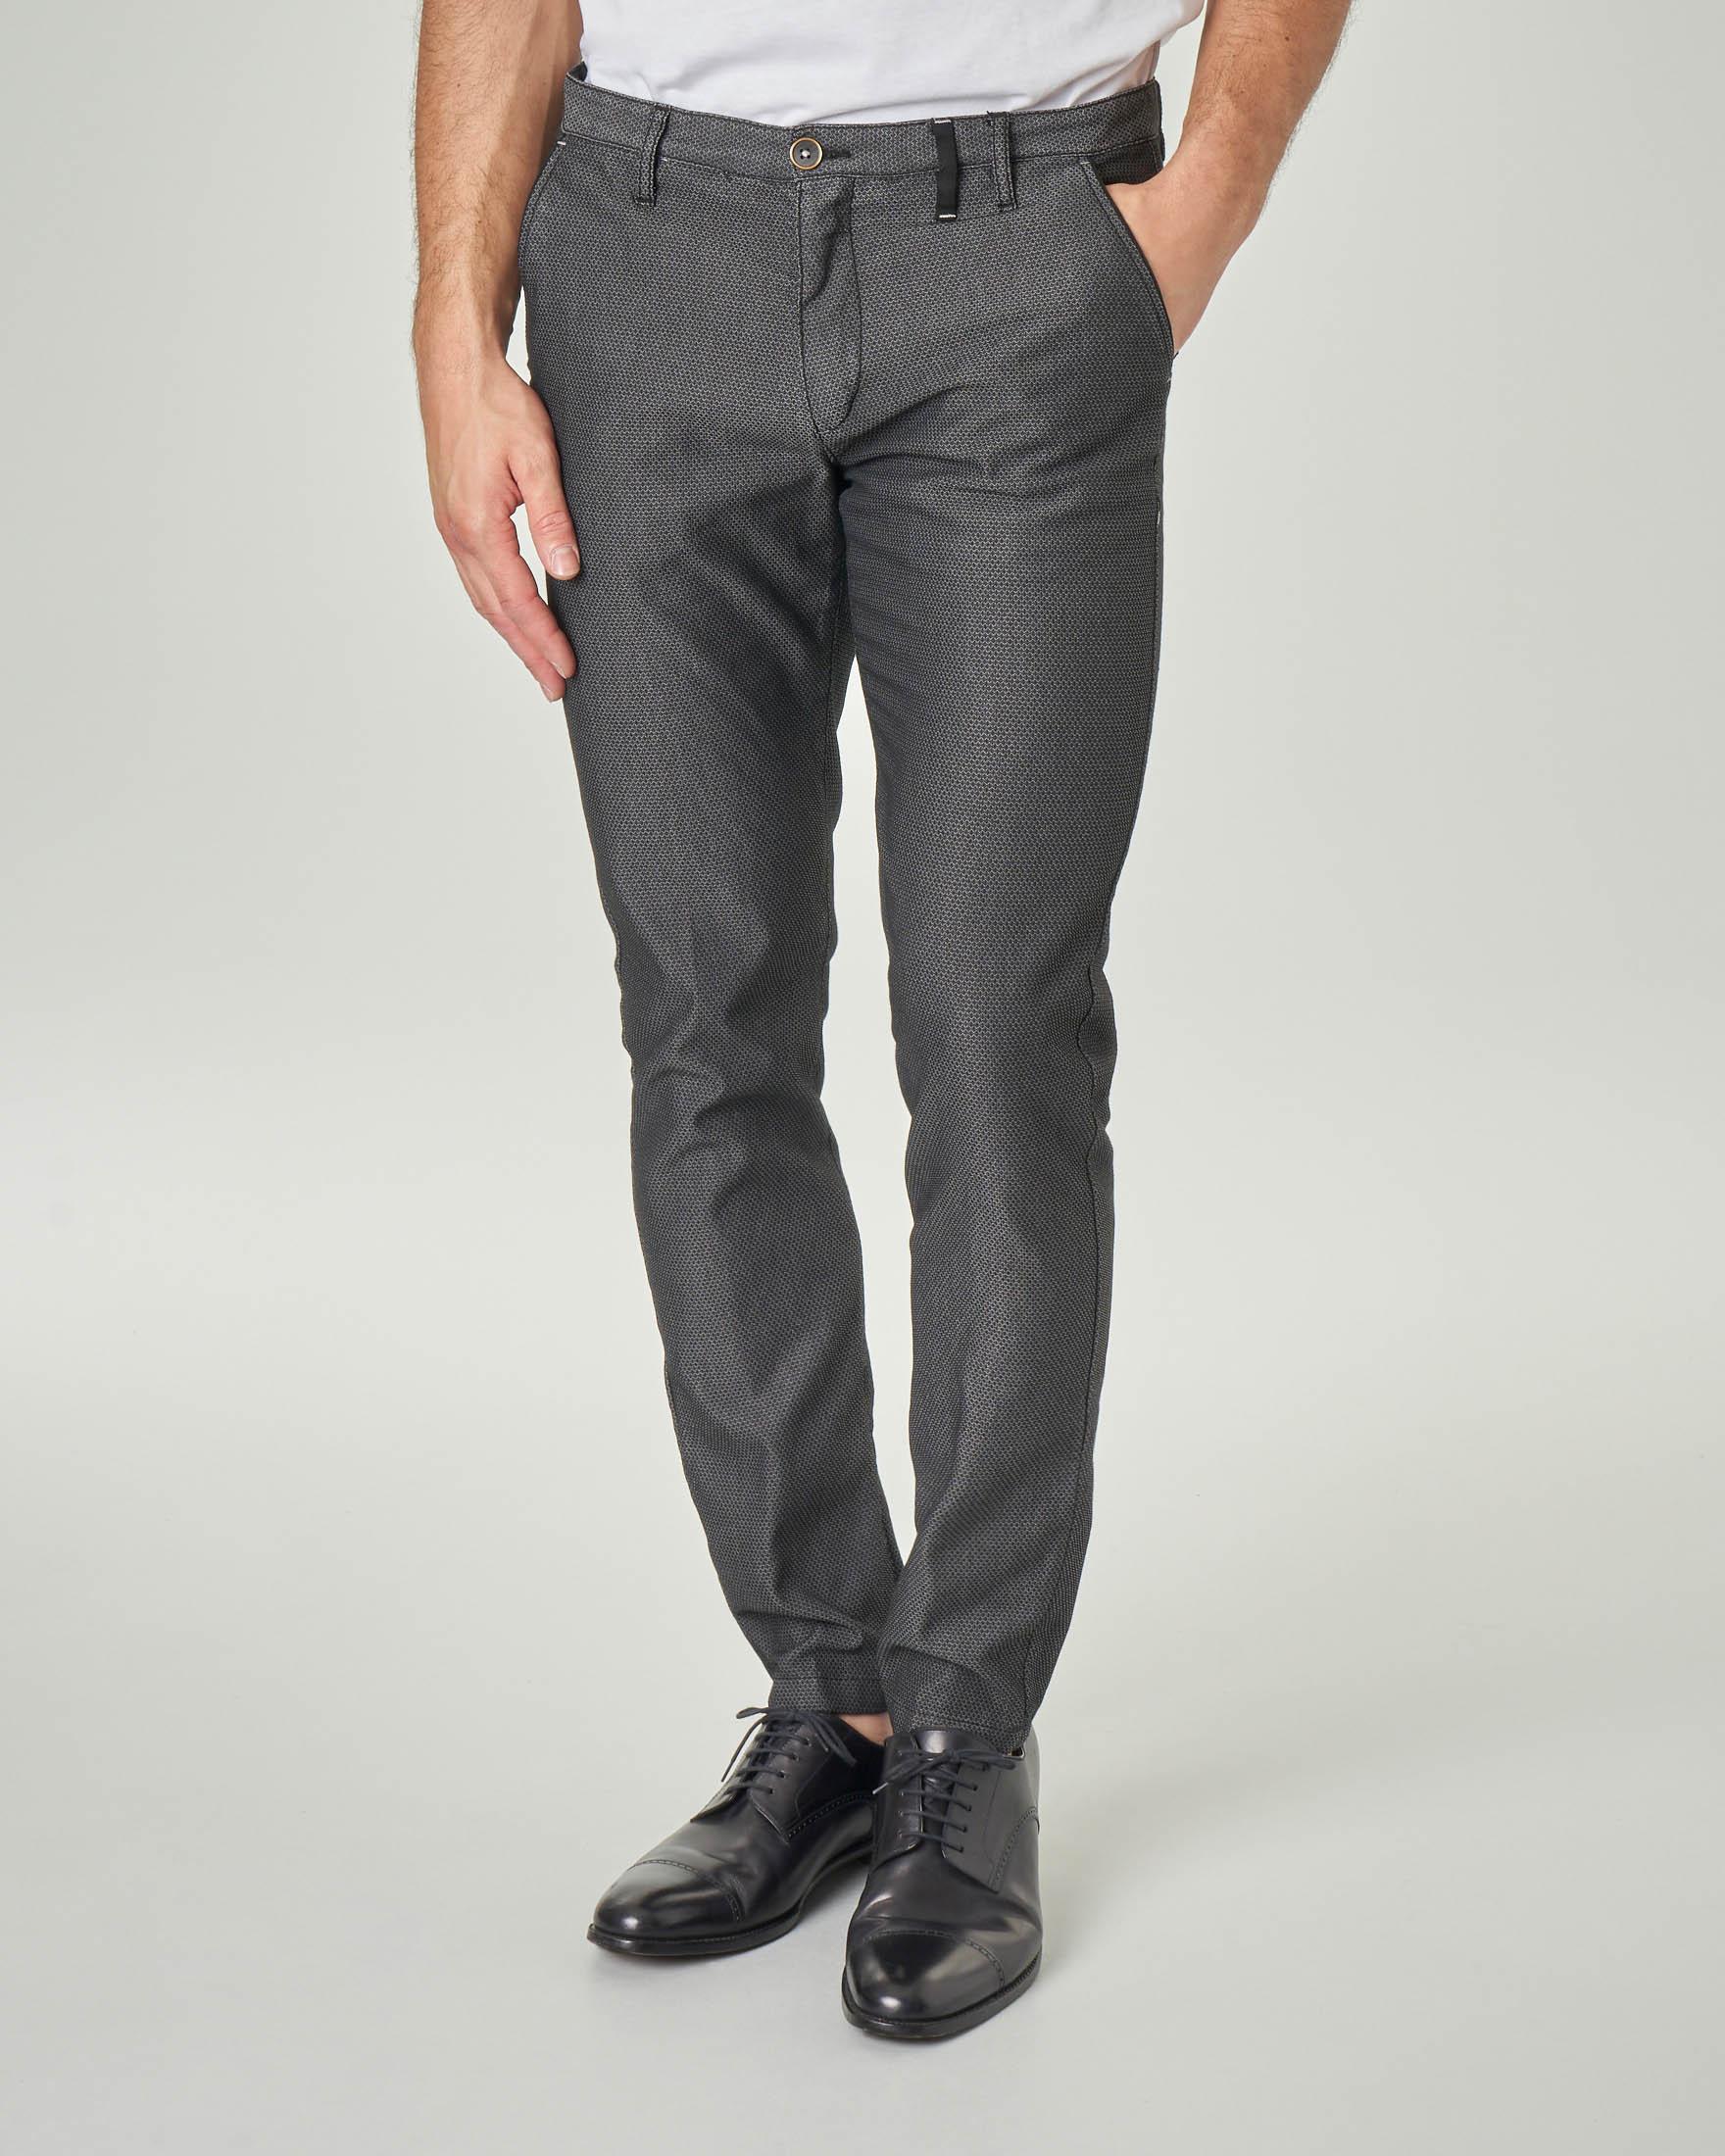 Pantalone chino nero in cotone stretch micro fantasia